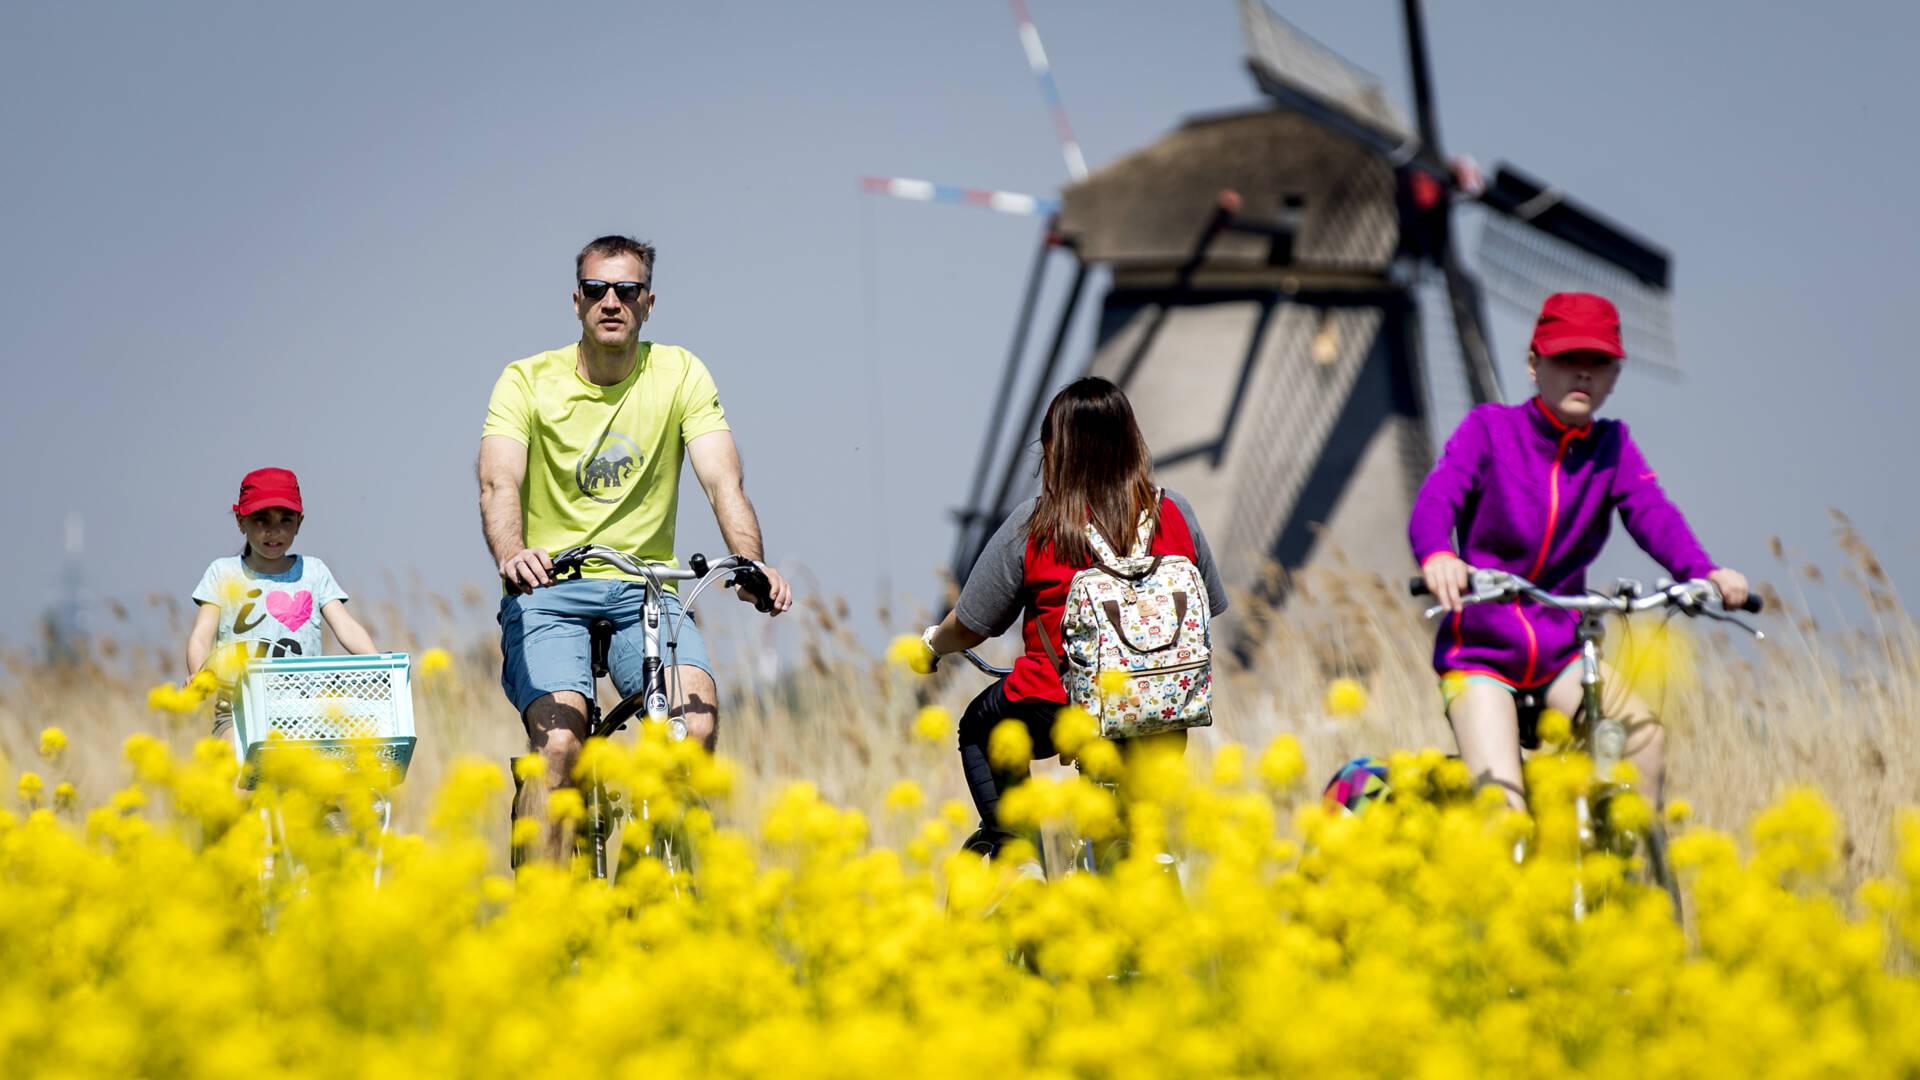 بلجيكا وألمانيا تعتبران مقاطعتي شمال وجنوب هولندا مناطق حمراء